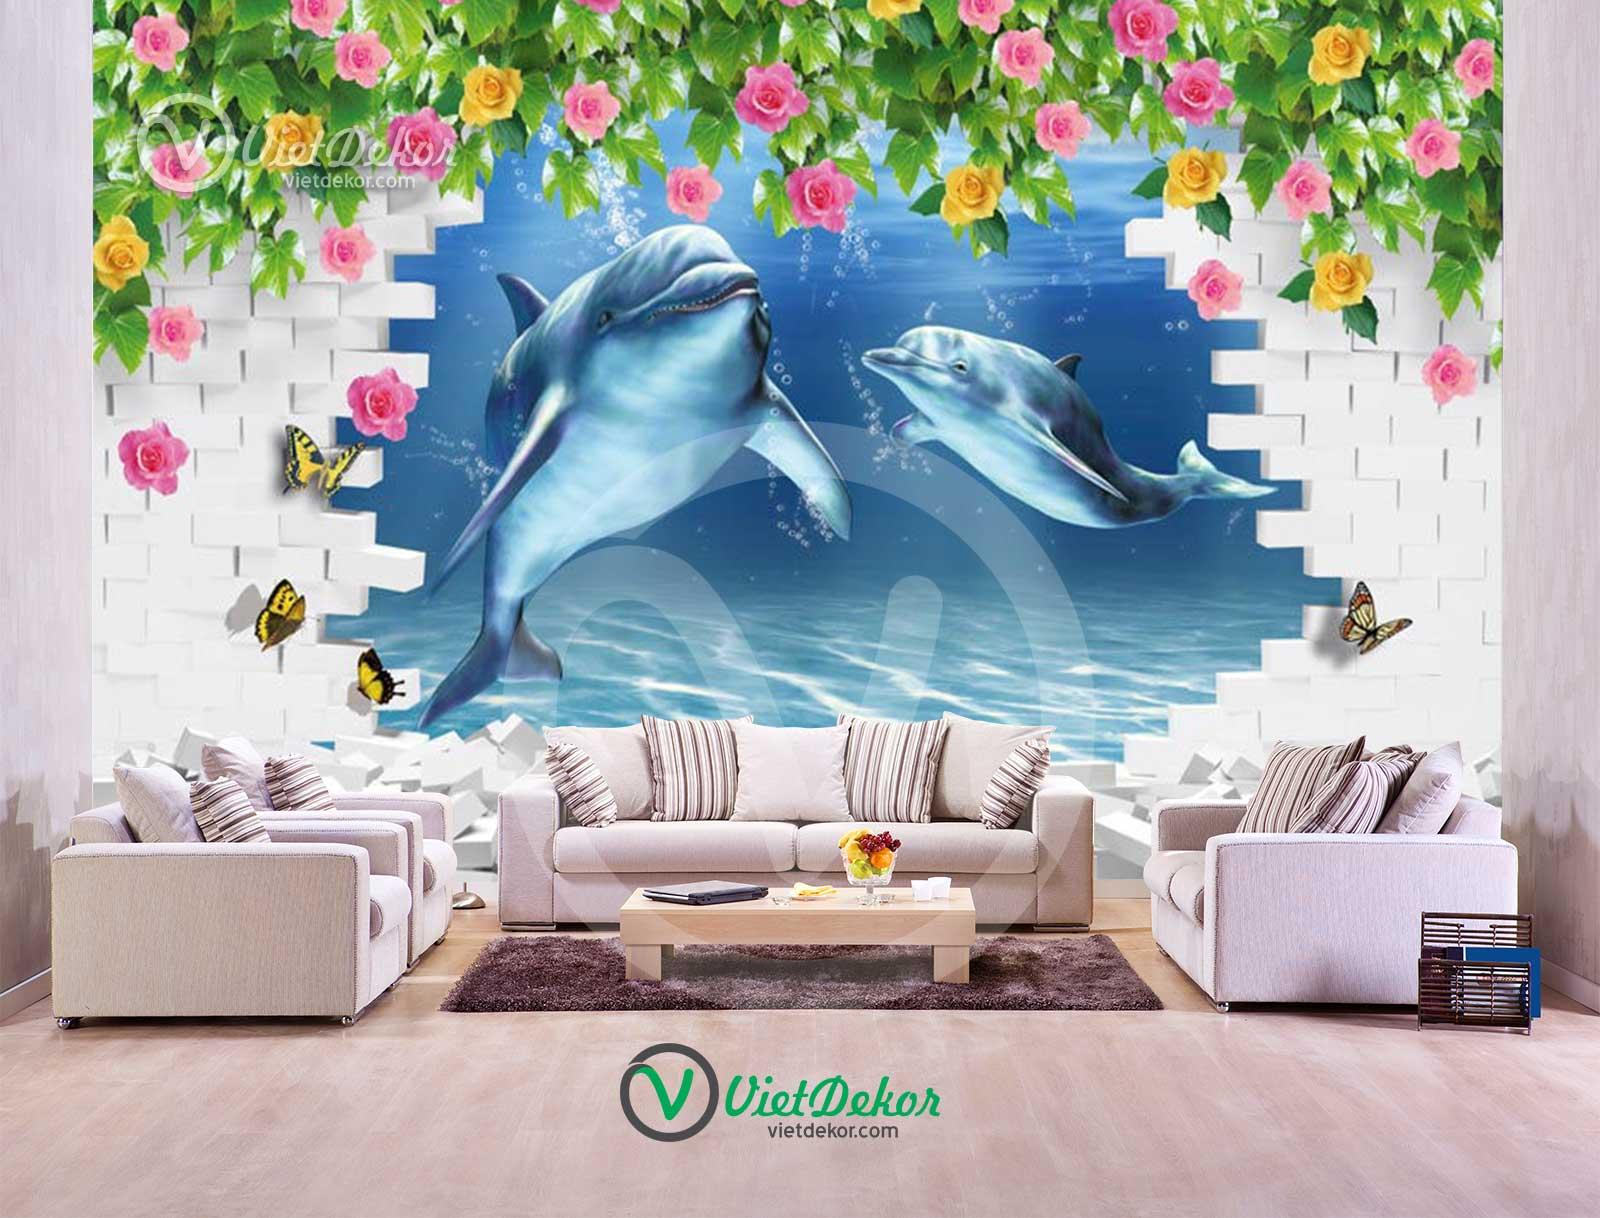 Tranh dán tường 3d cá mập hoa leo